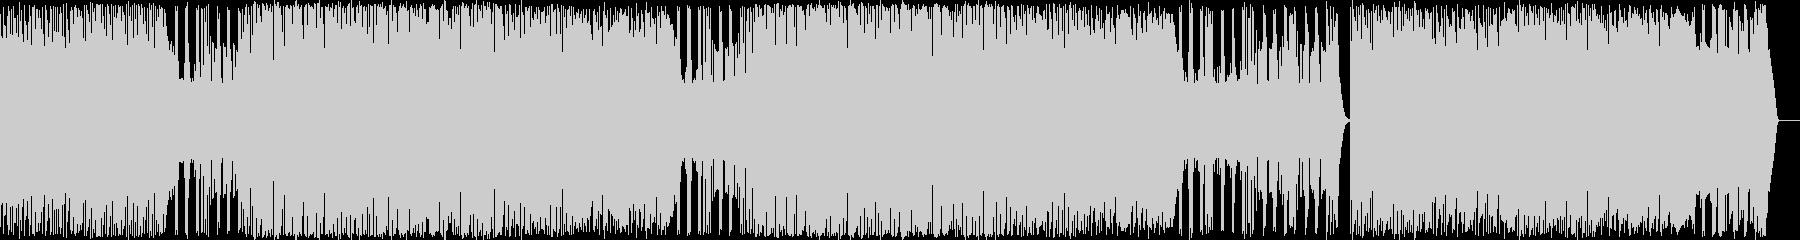 808/ブラス/トラップ/ヒップホップ/の未再生の波形